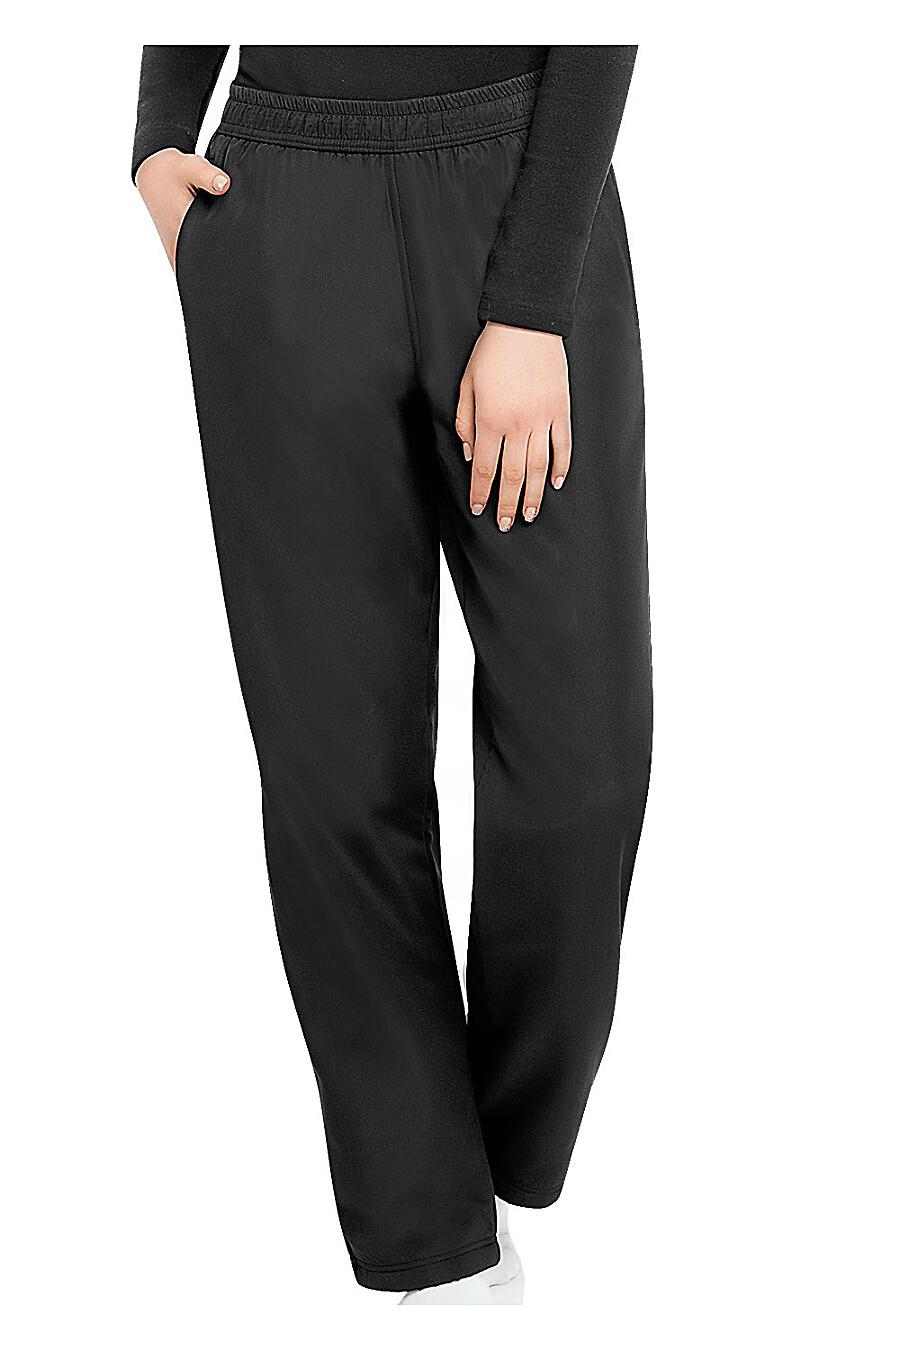 Бриджи для женщин CLEVER 155438 купить оптом от производителя. Совместная покупка женской одежды в OptMoyo